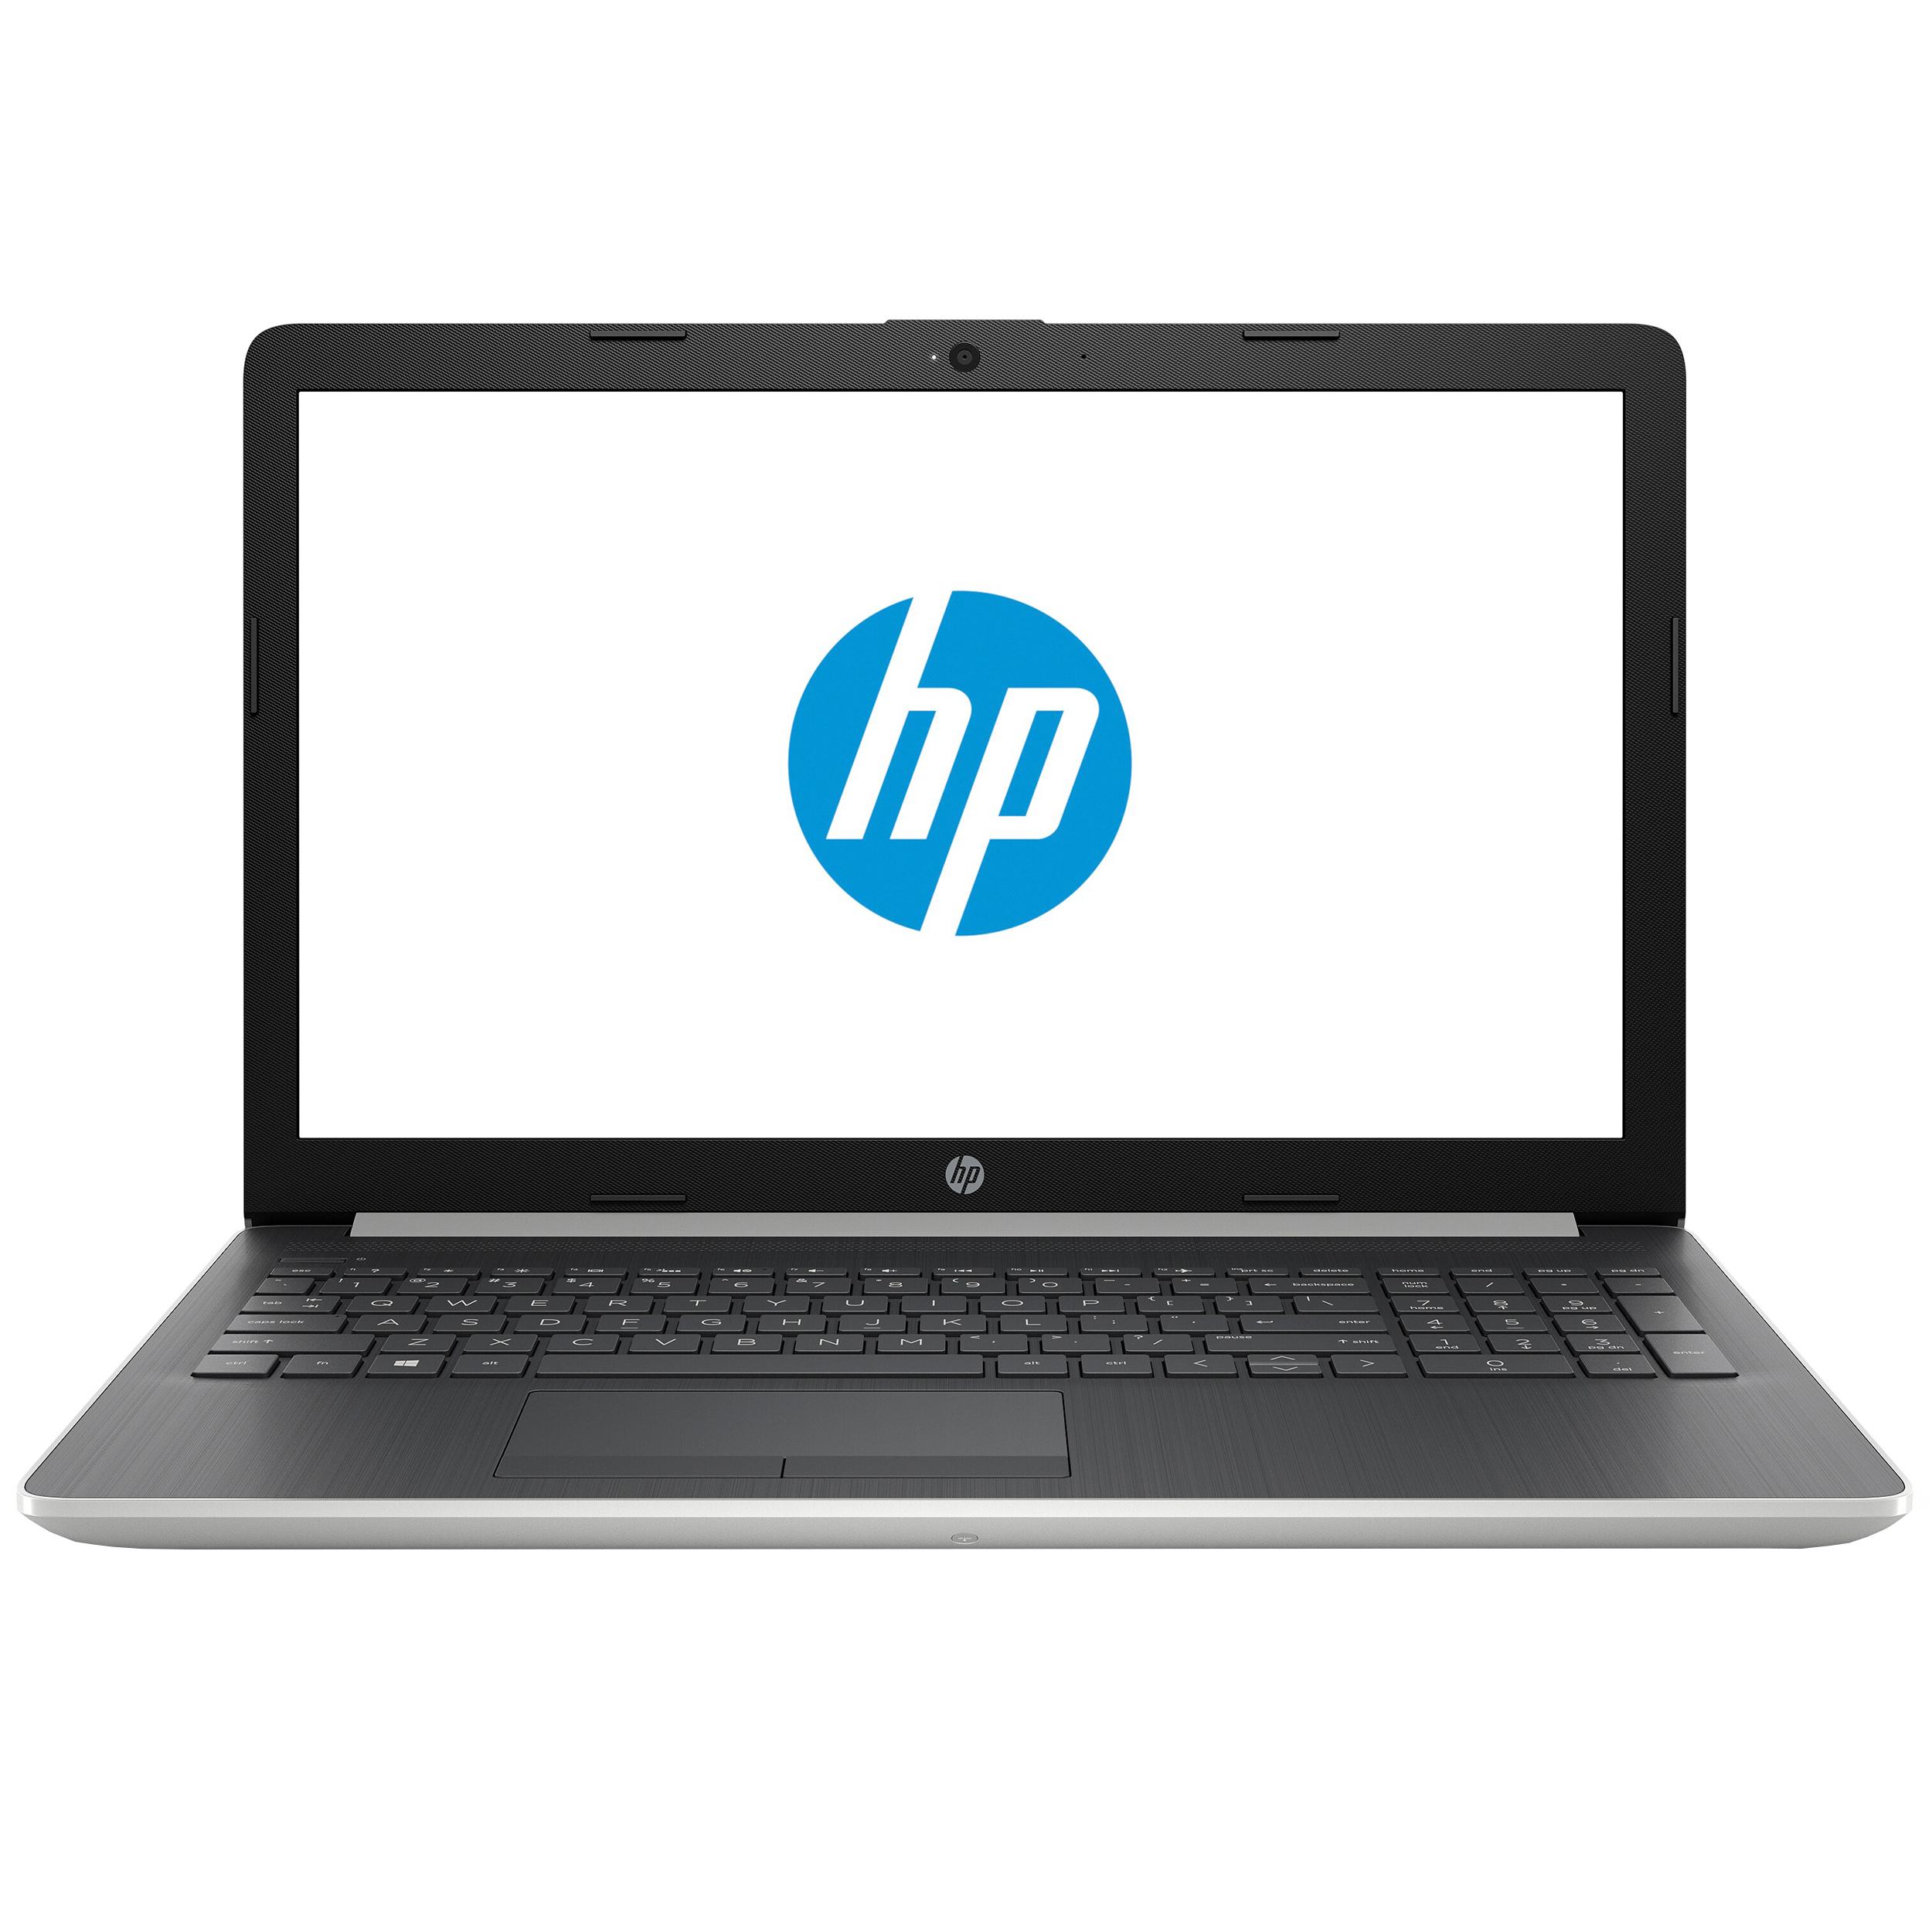 خرید اینترنتی                     لپ تاپ 15 اینچی اچ پی مدل DA2204-A